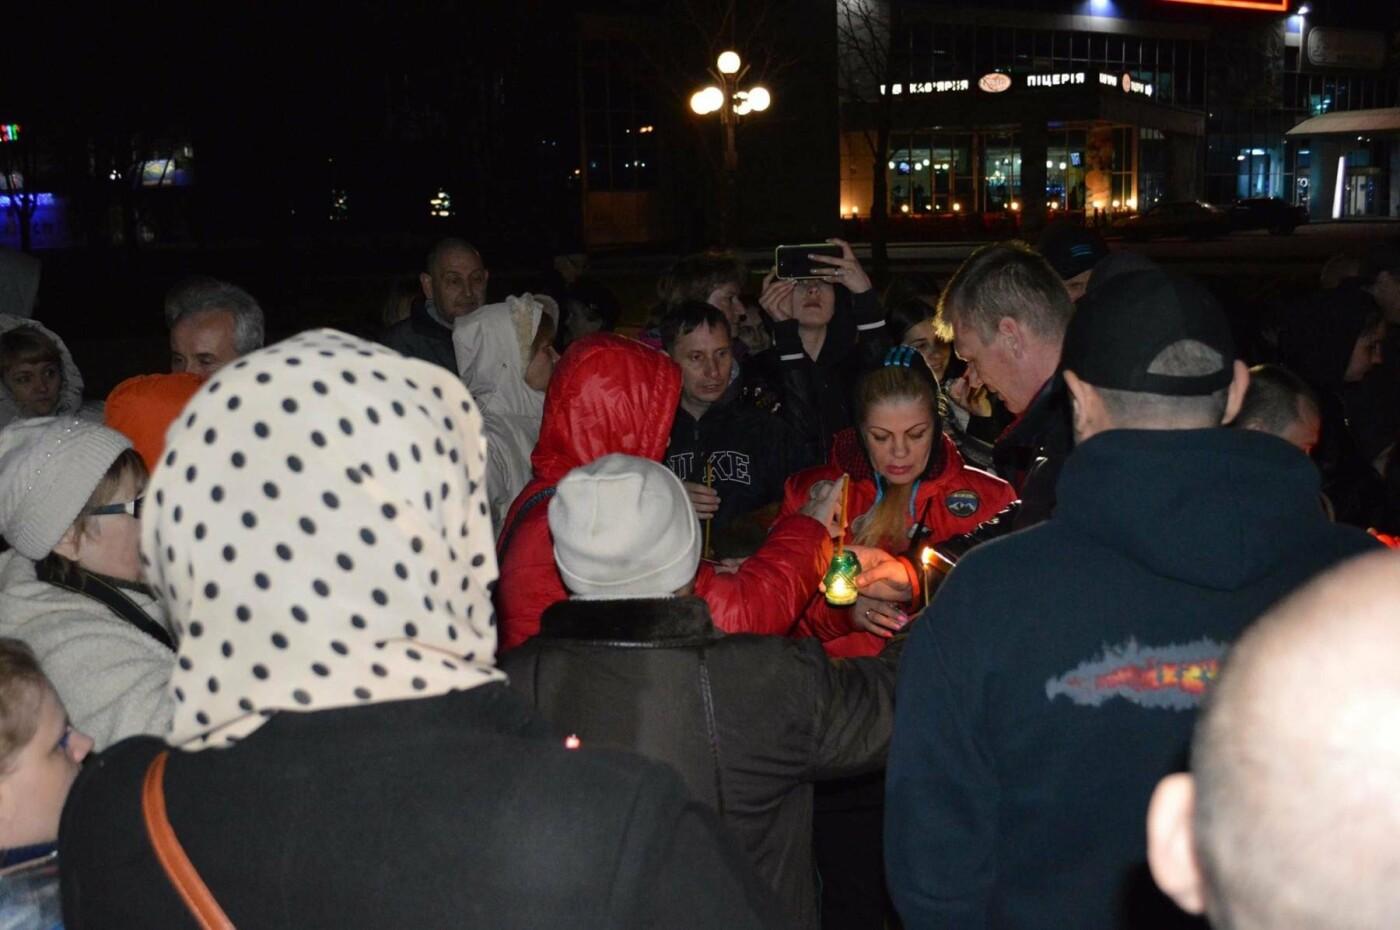 """Накануне Пасхи бойцы """"Кривбасса"""" и волонтер поделились с горожанами частичкой Благодатного Огня (ФОТО), фото-7"""